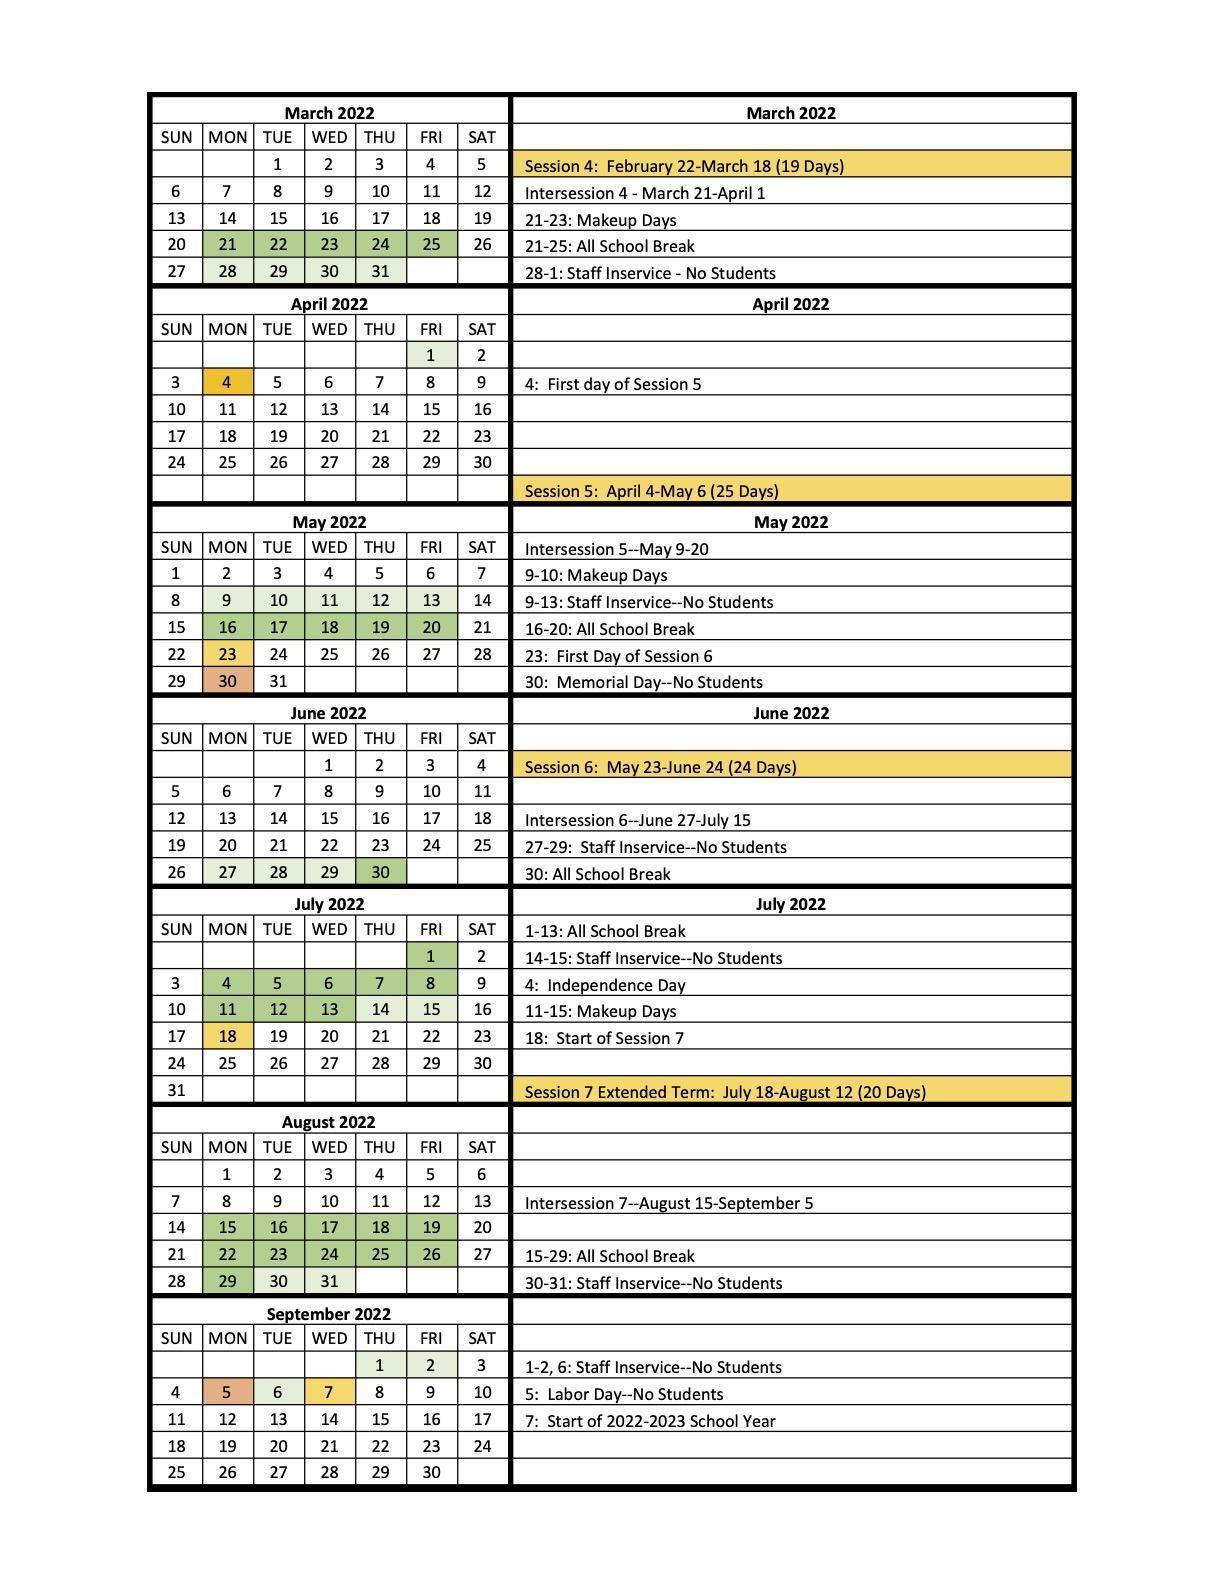 Year-Round Calendar